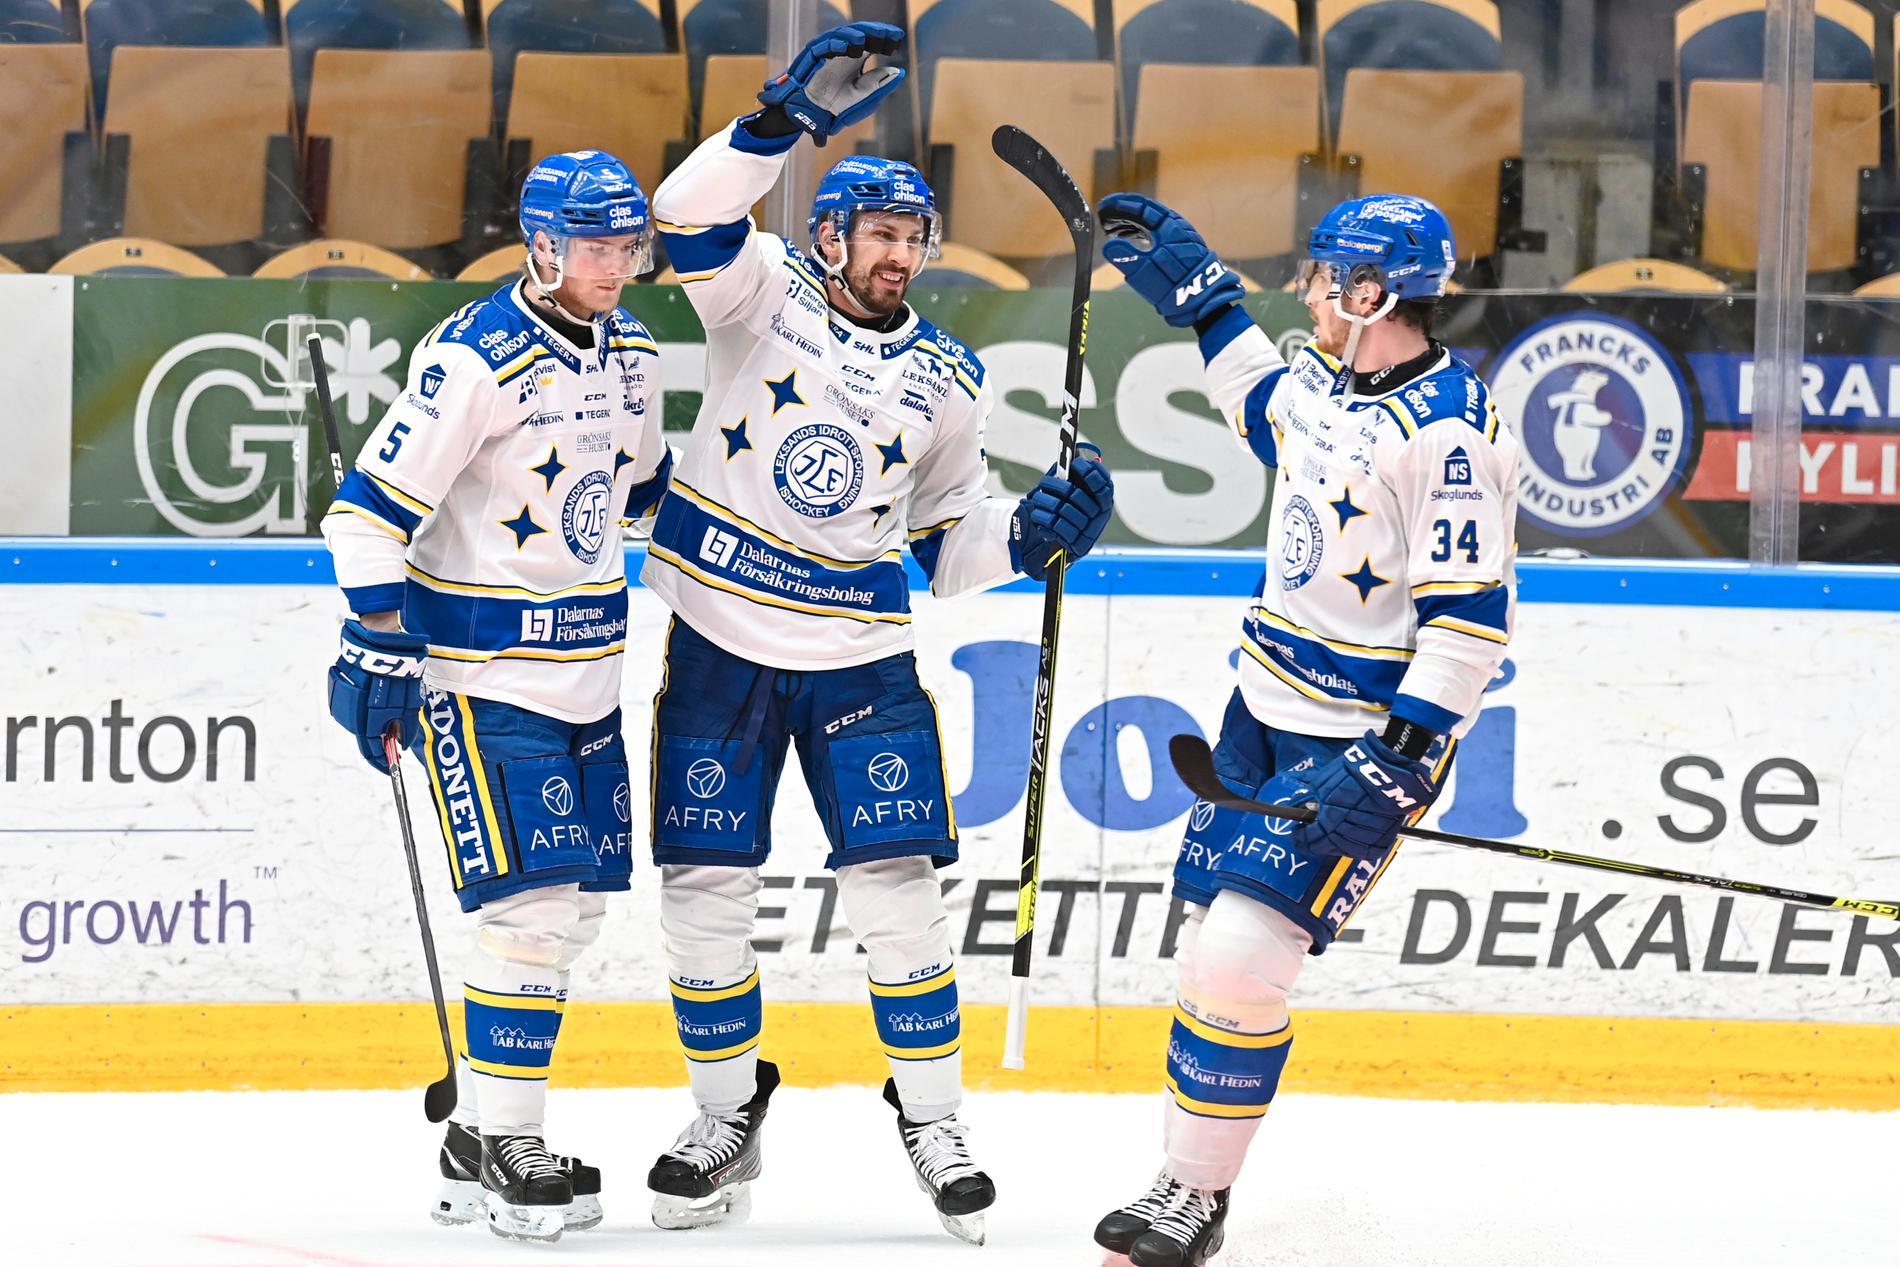 Marek Hrivik, i mitten, utsågs i veckan till SHL:s bäste spelare och fick Guldhjälmen. Blir det guldskimmer över Leksand i SM-slutspelet? Arkivbild.